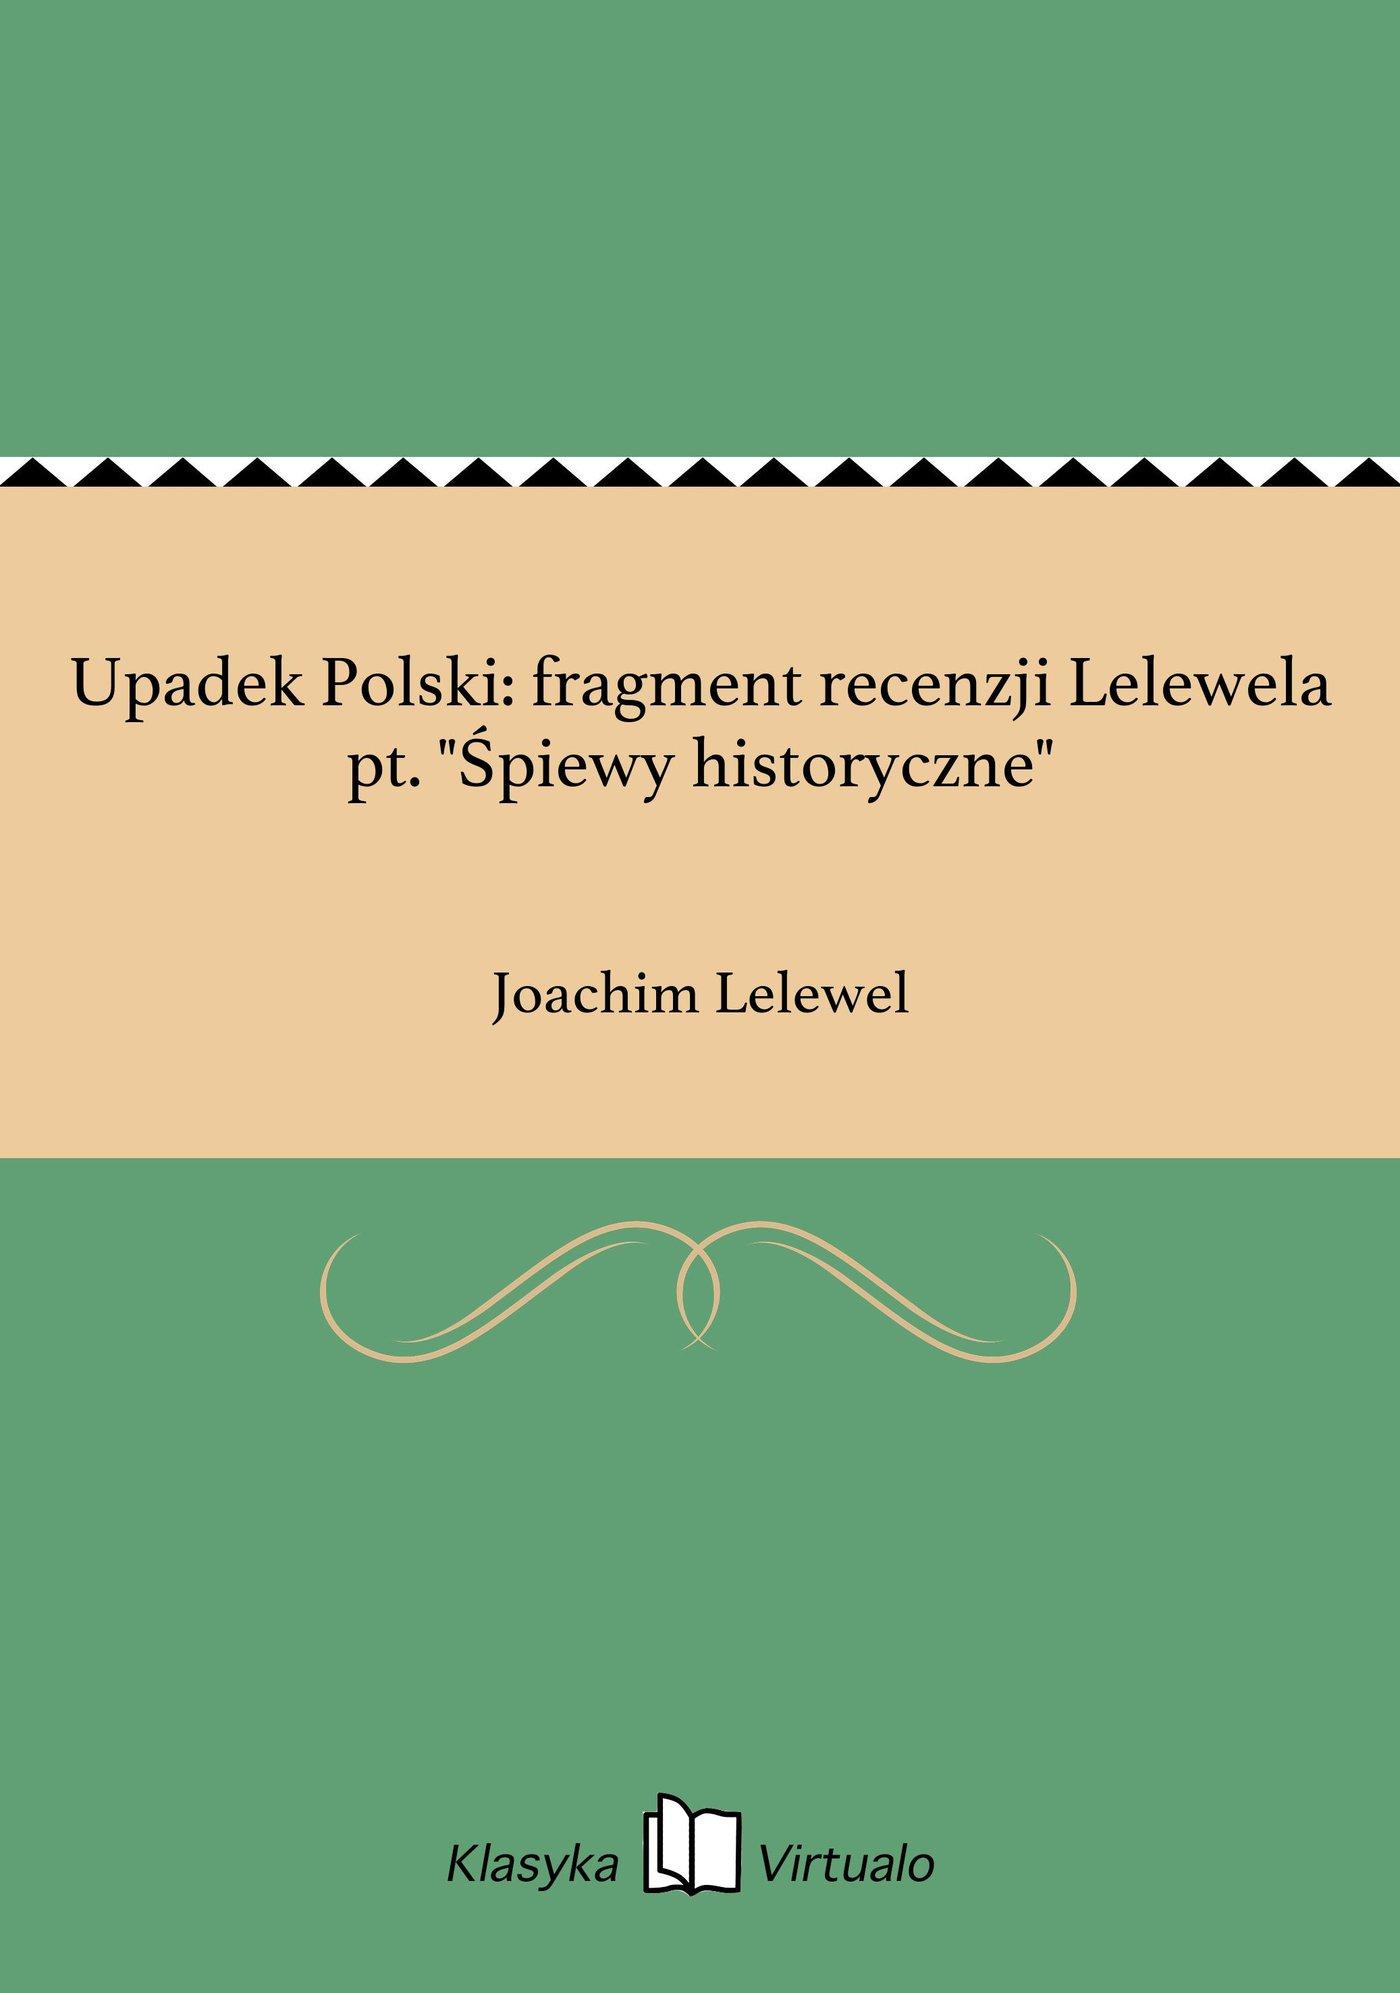 """Upadek Polski: fragment recenzji Lelewela pt. """"Śpiewy historyczne"""" - Ebook (Książka EPUB) do pobrania w formacie EPUB"""